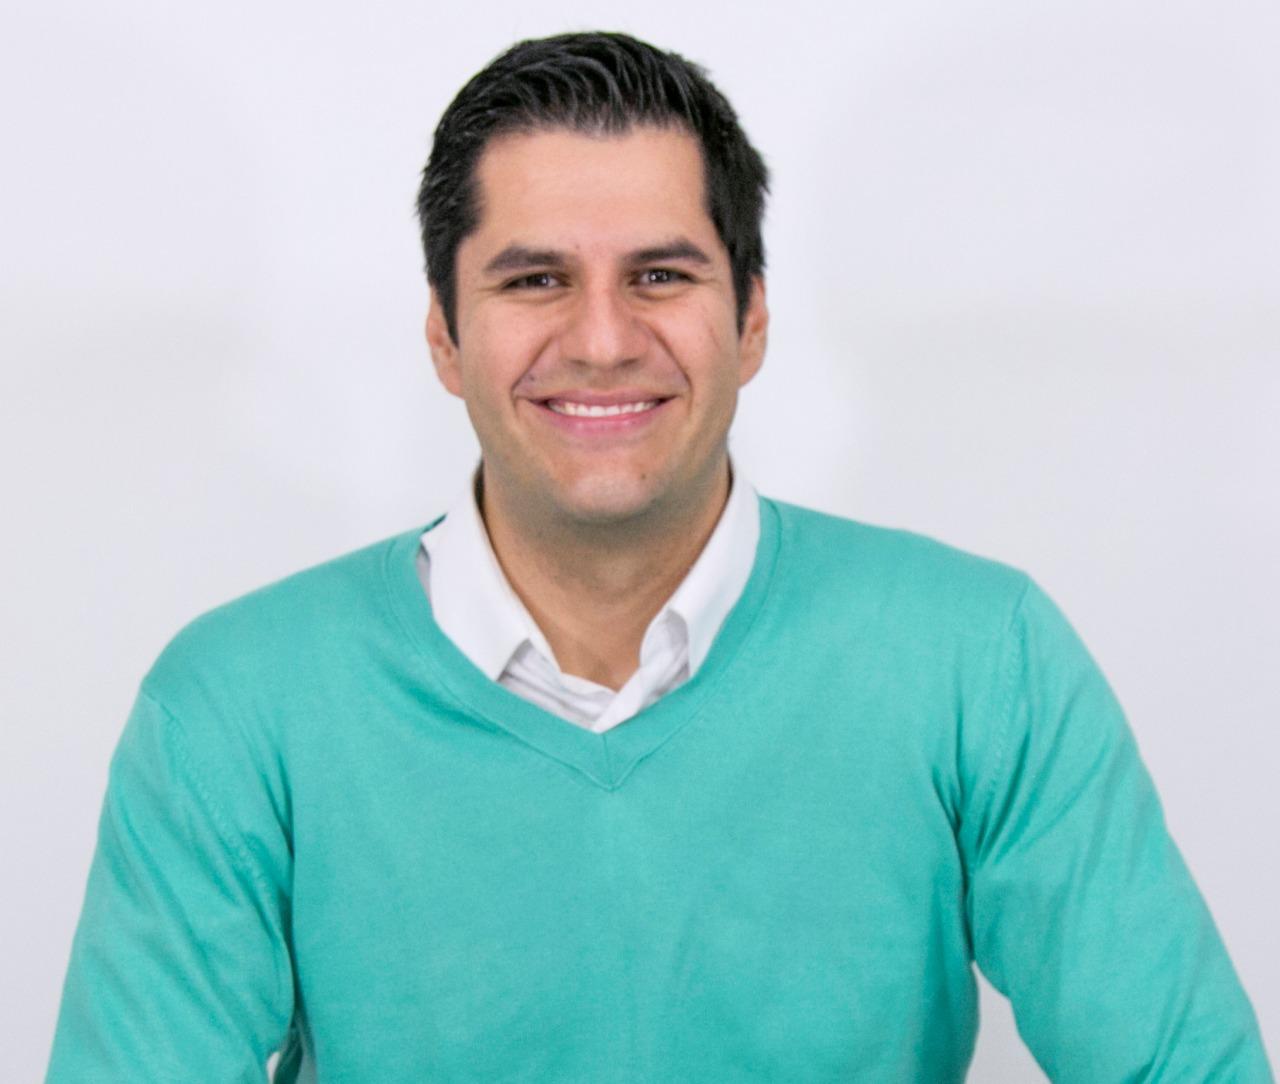 Paúl Burgos Navarrete